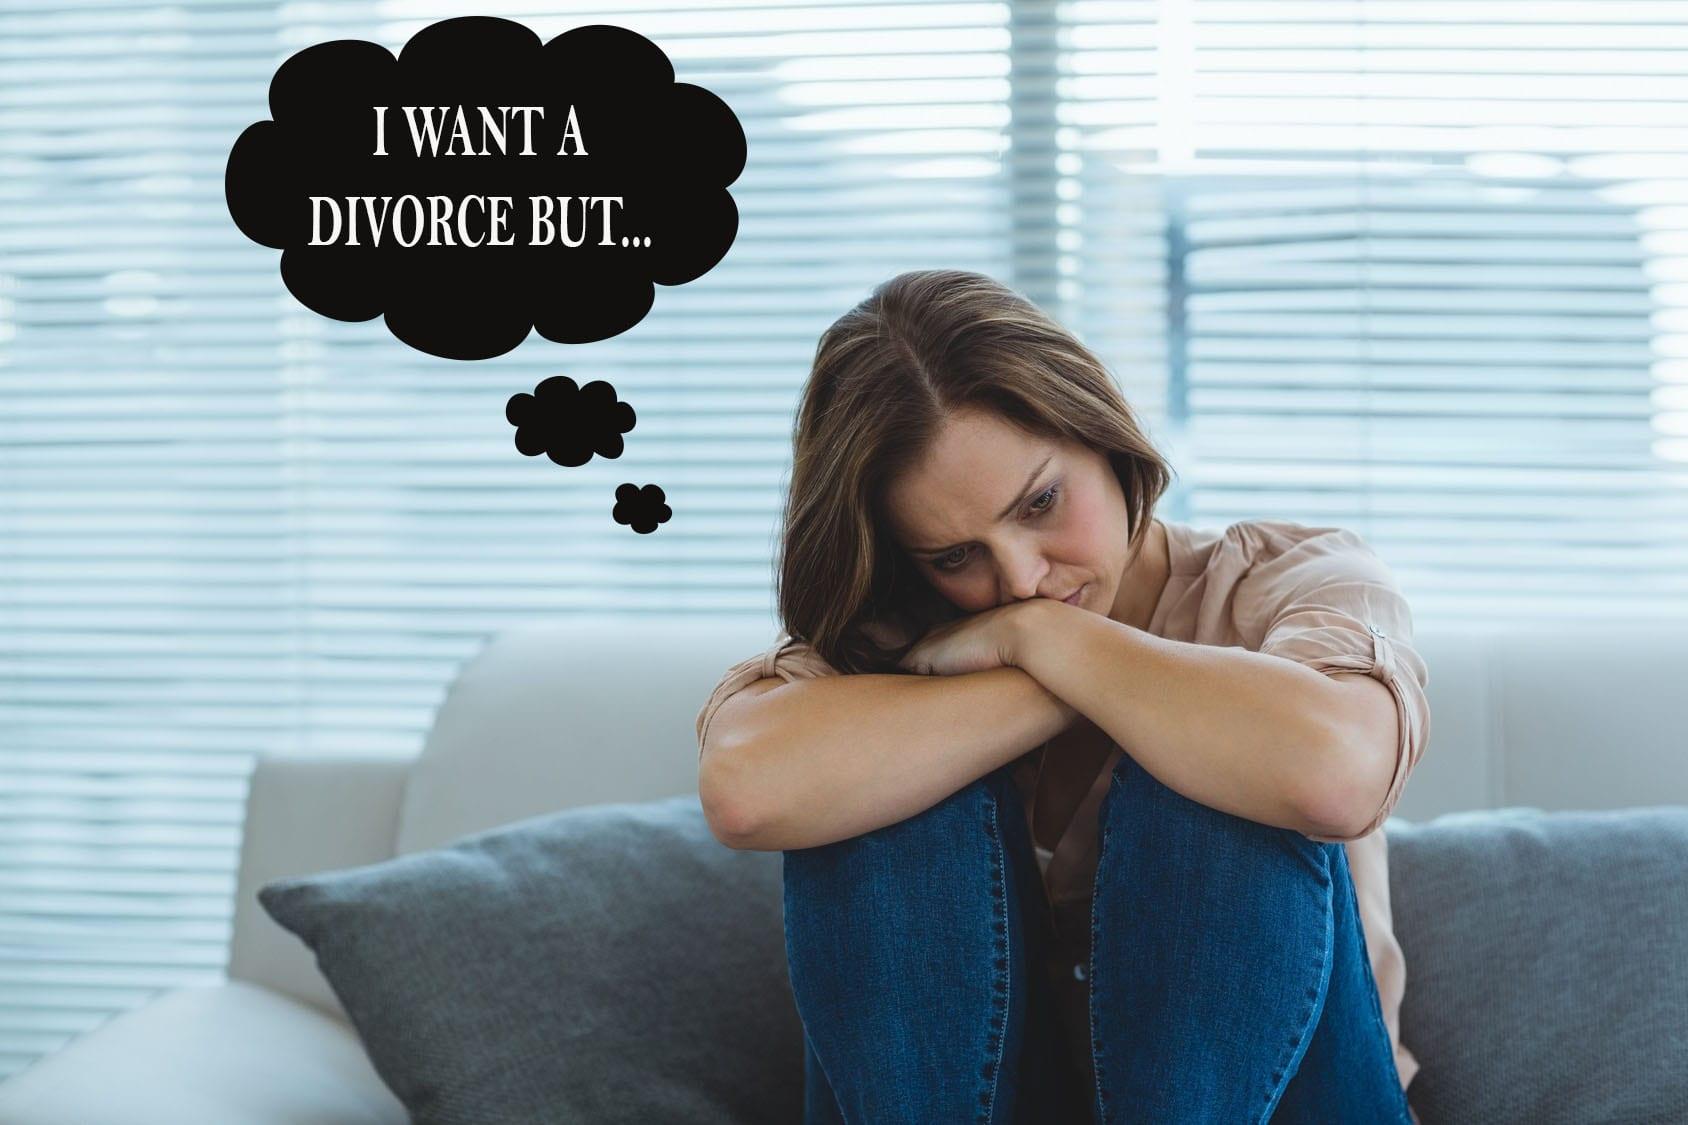 chồng ngoại tình, ly hôn, vẫn còn yêu, muốn quan hệ, không thể quên